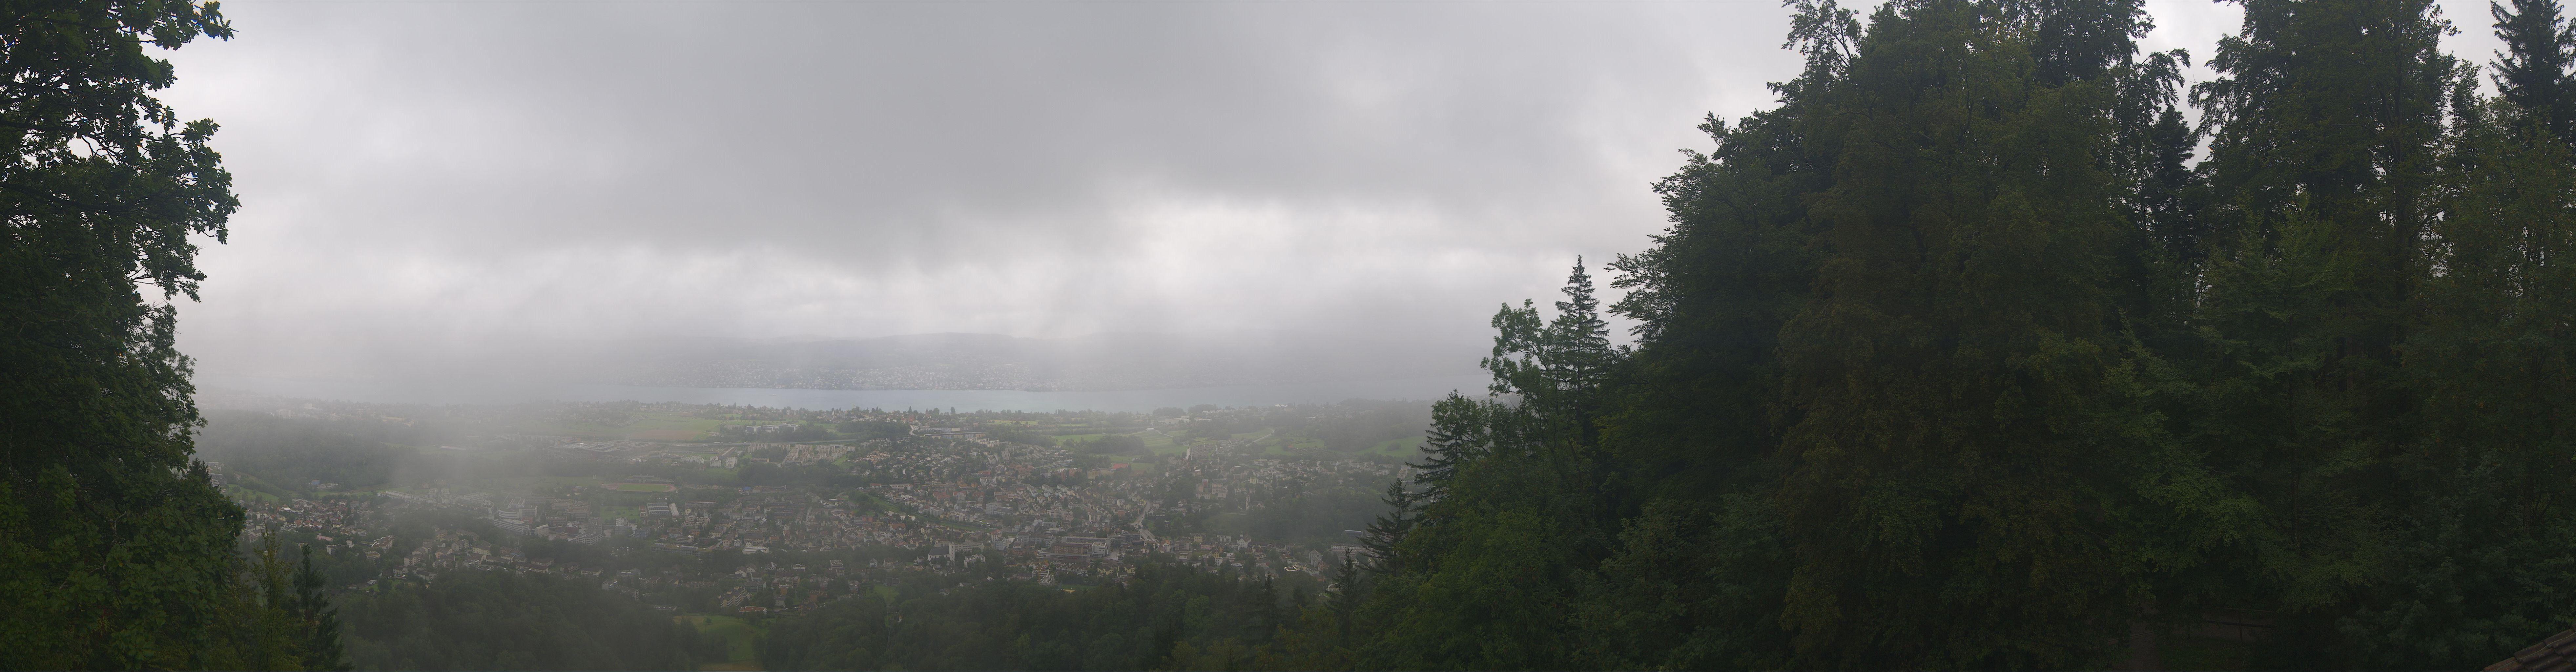 Stallikon: Adliswil - Zollikon - Küsnacht - Erlenbach - Zürich - Herrliberg - Horgen - Zürichsee